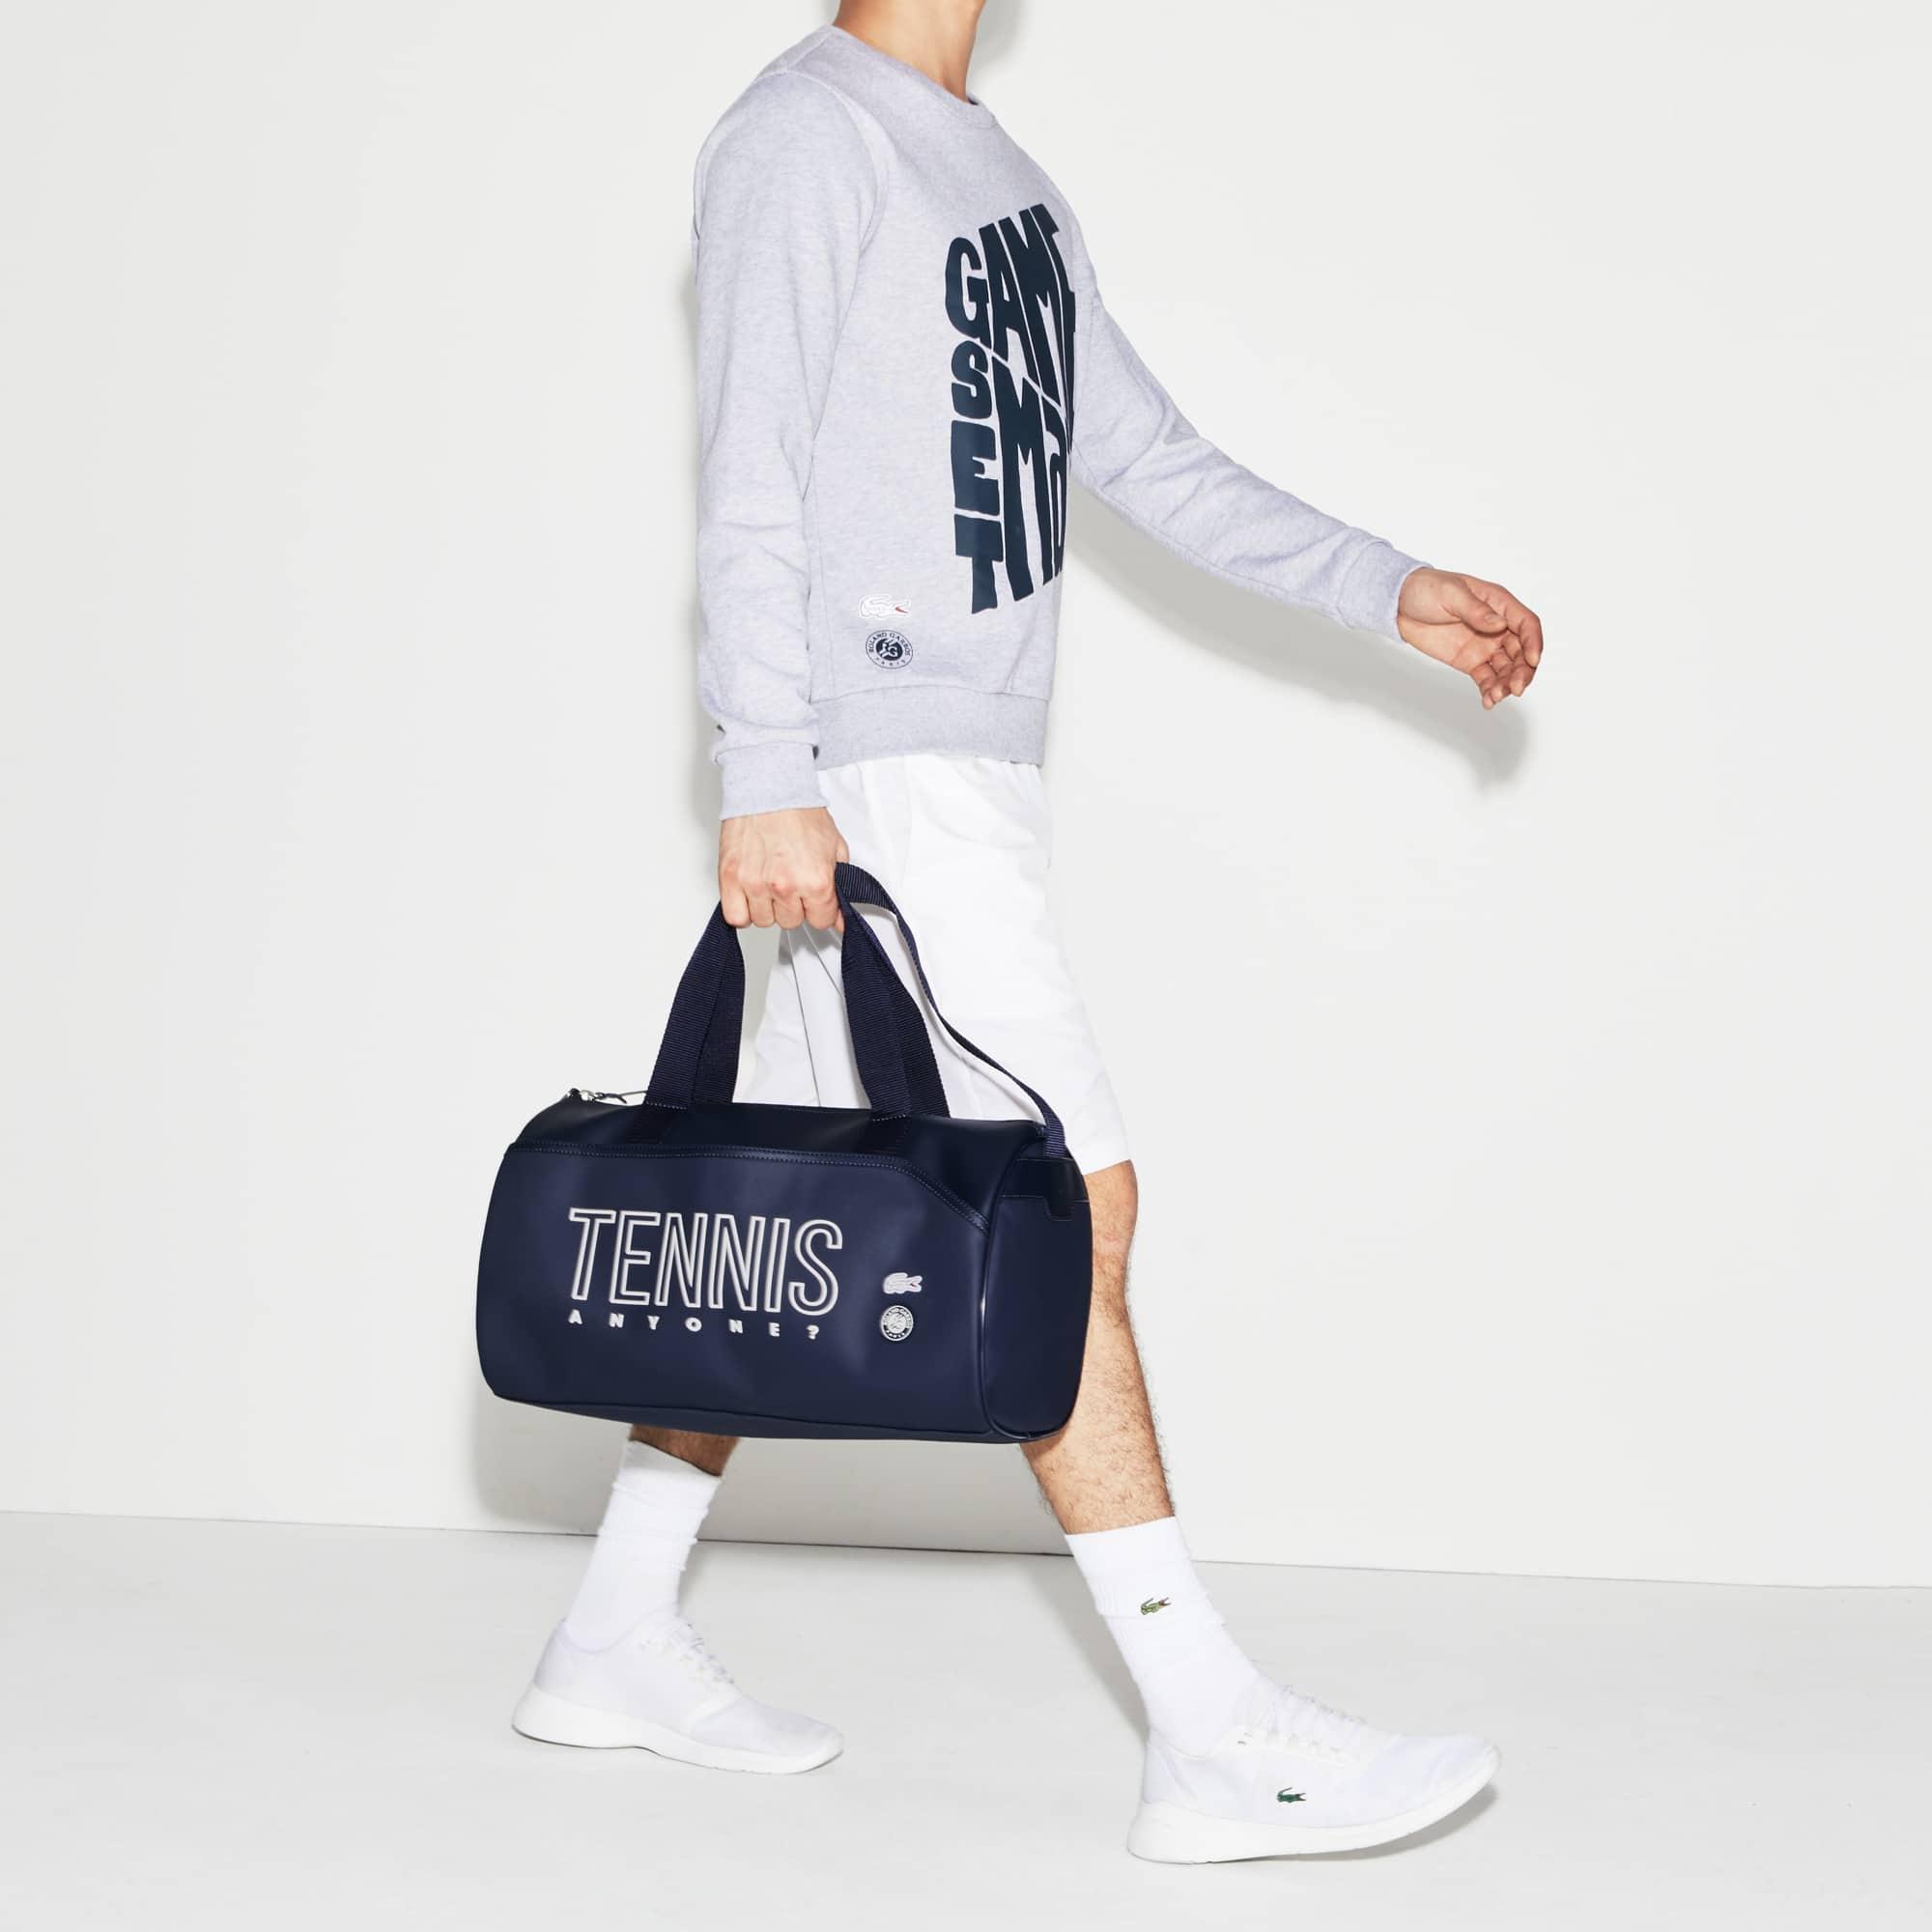 Herren LACOSTE SPORT ROLAND GARROS Sporttasche mit Schriftzug